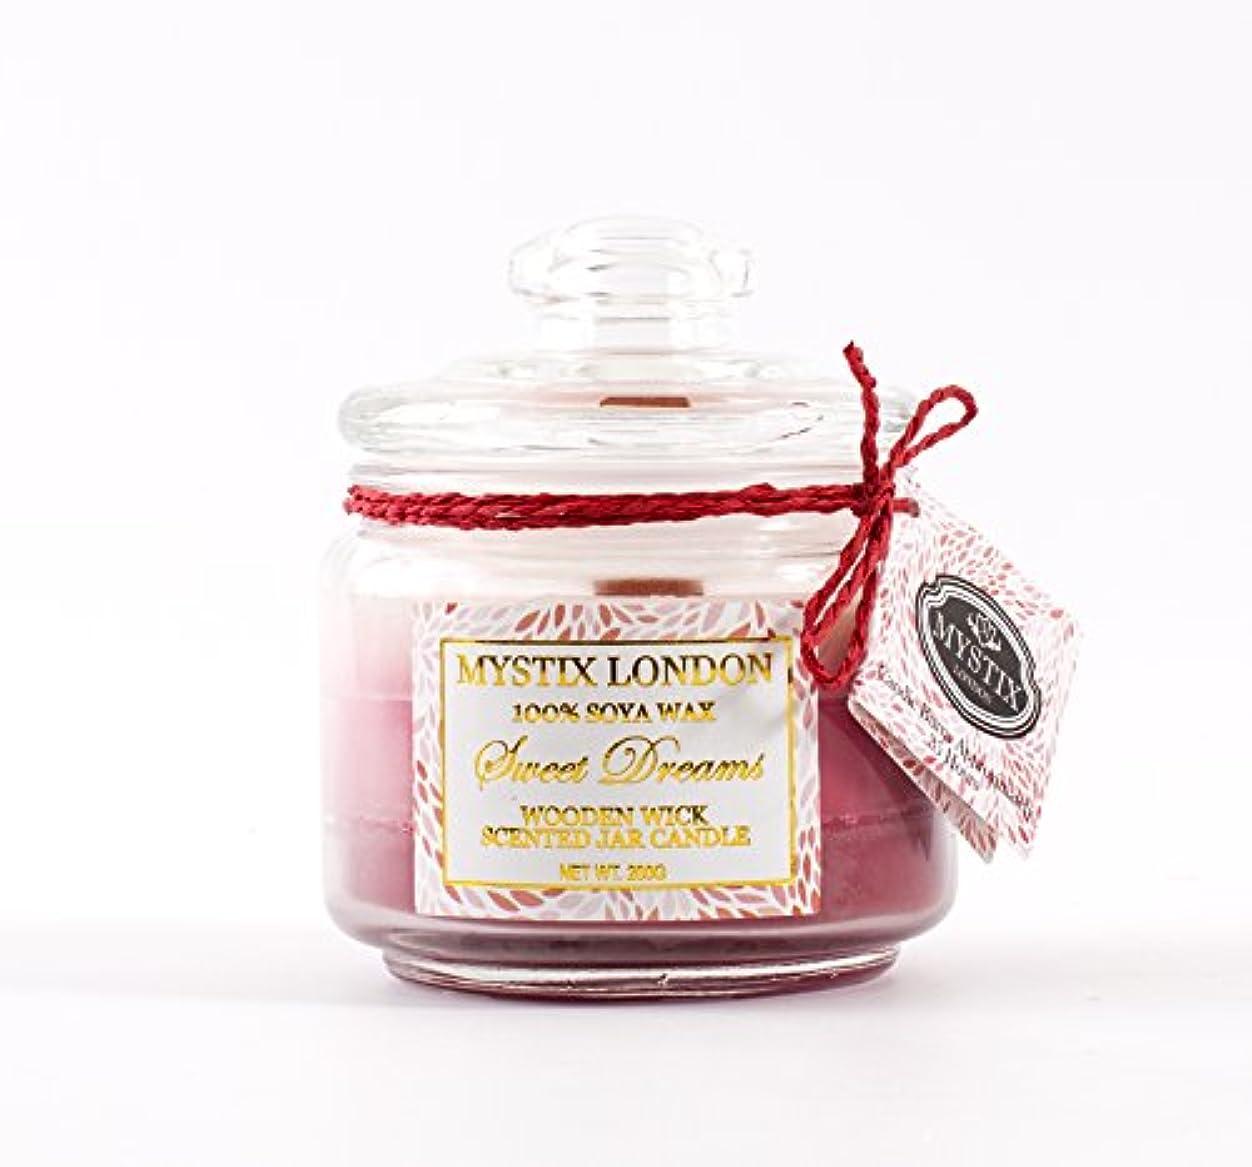 ソロラバペルメルMystix London | Sweet Dreams Wooden Wick Scented Jar Candle 200g